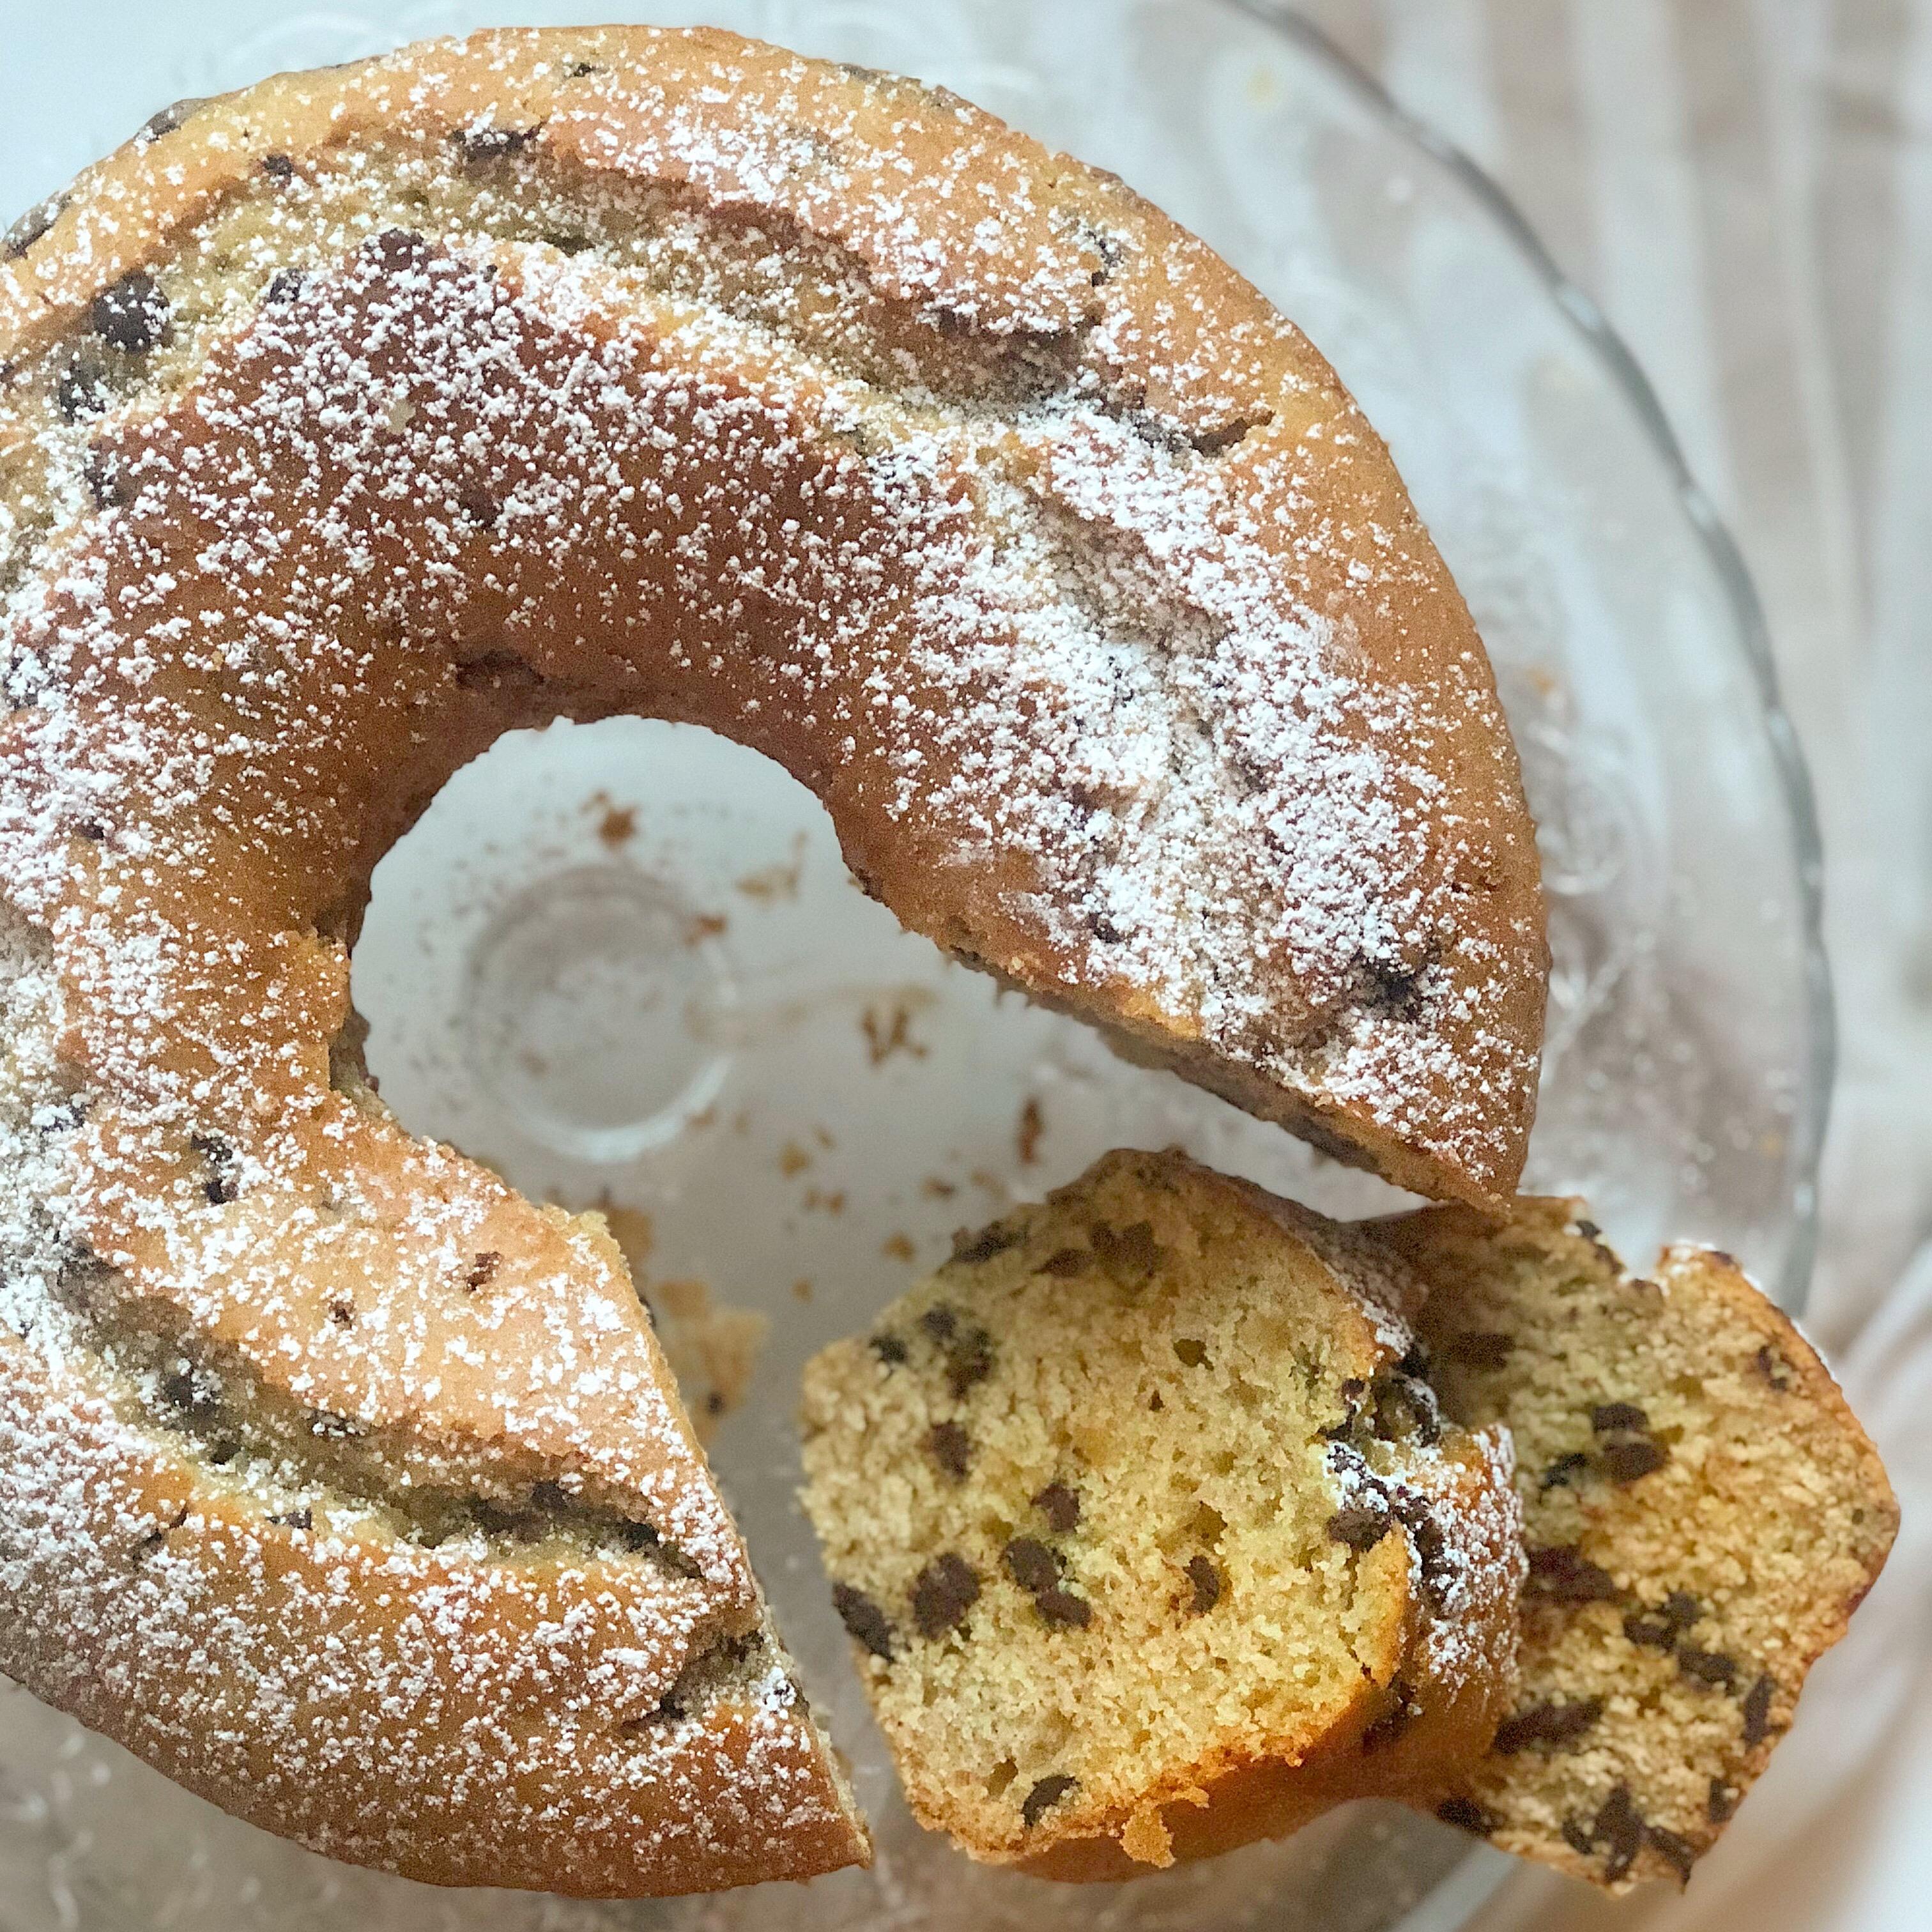 La Torta di Cachi Senza Burro, un gusto avvolgente in un impasto soffice di dolci senza burro